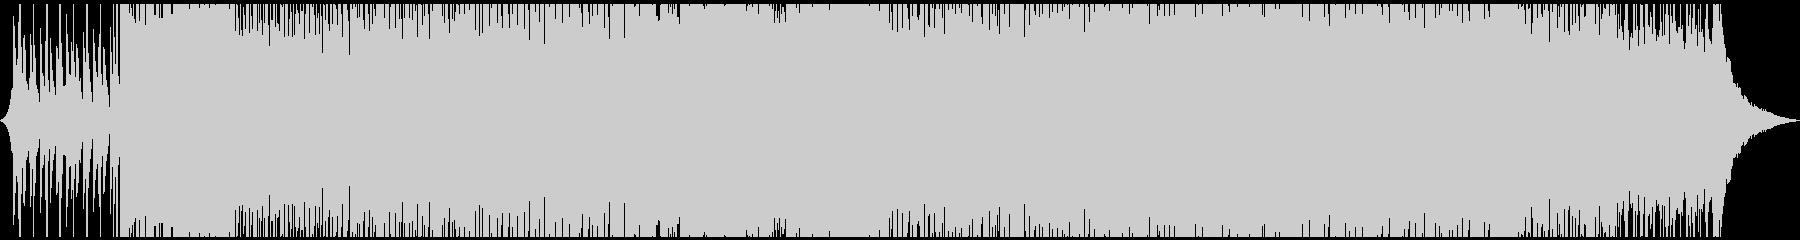 ハウス ダンス プログレッシブ 企...の未再生の波形